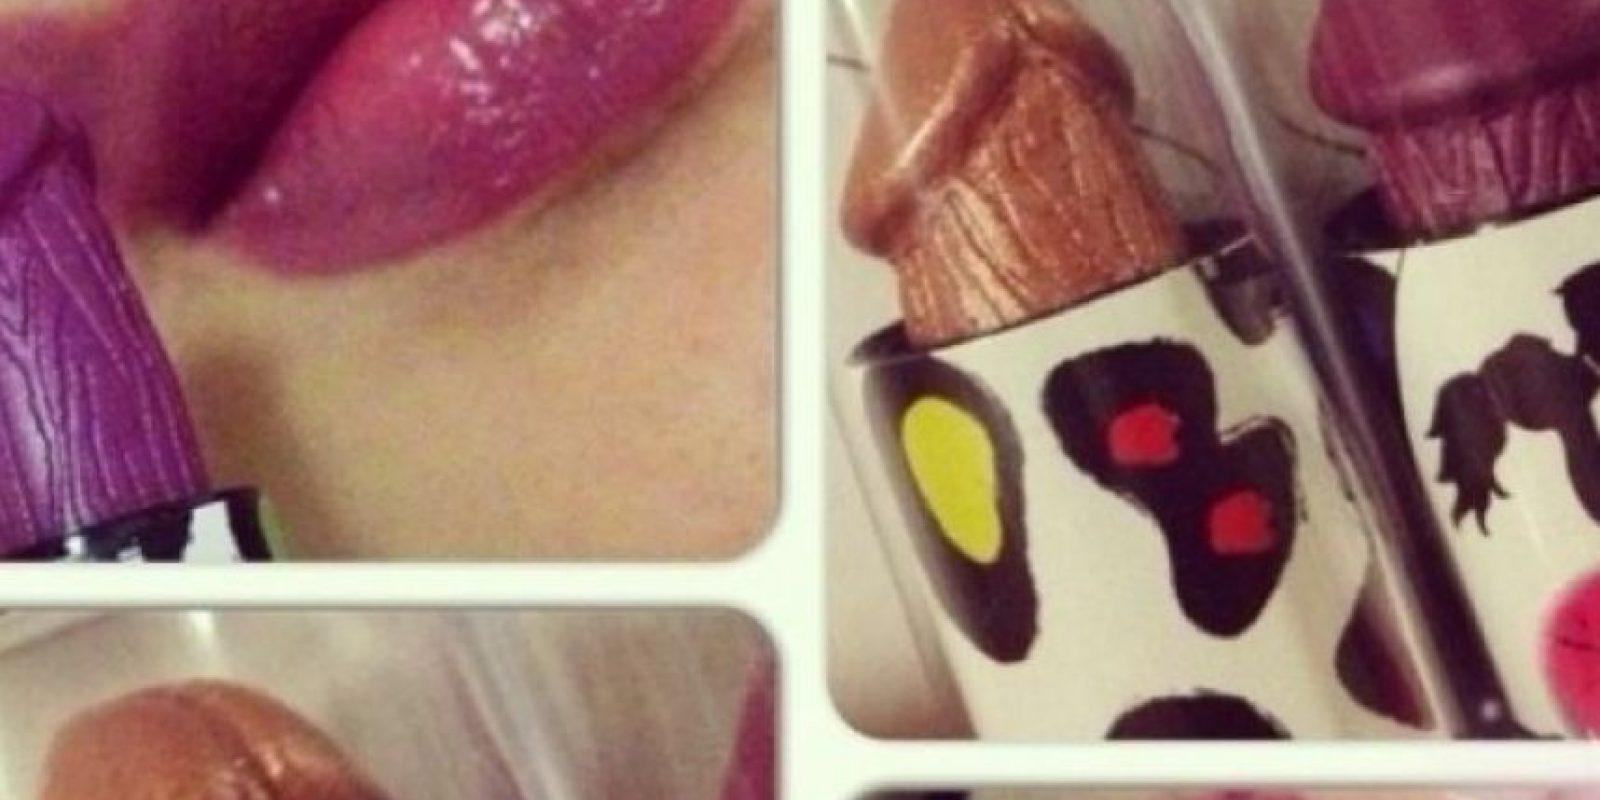 Brillo labial en forma de pene Foto: Internet